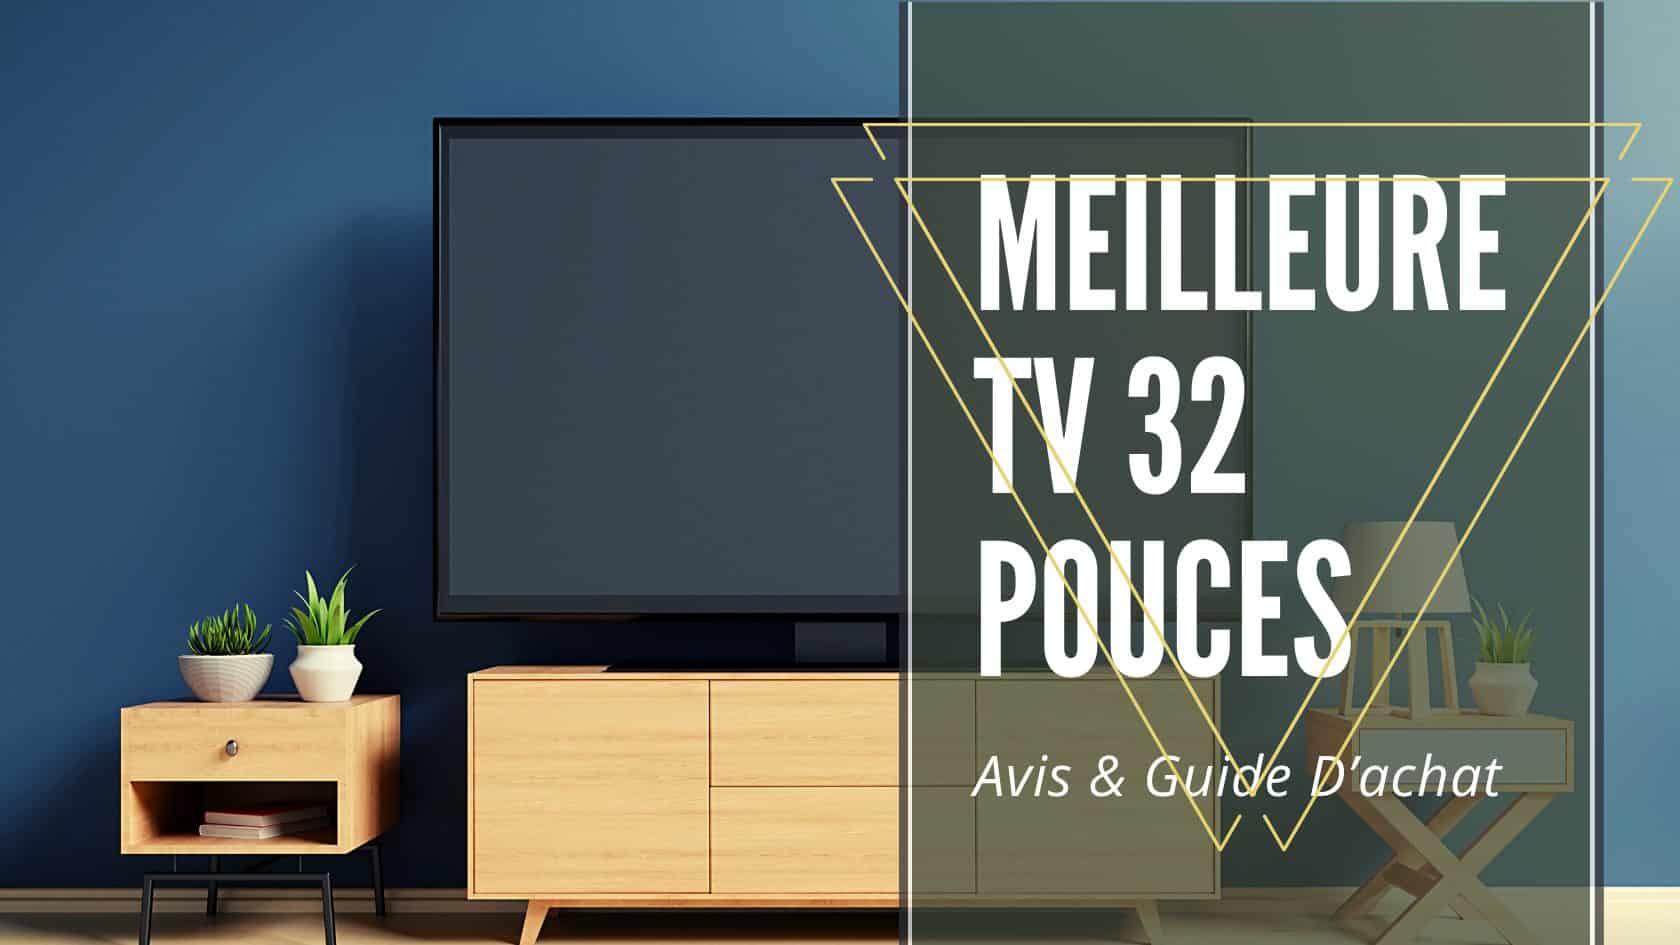 Meilleure TV 32 Pouces